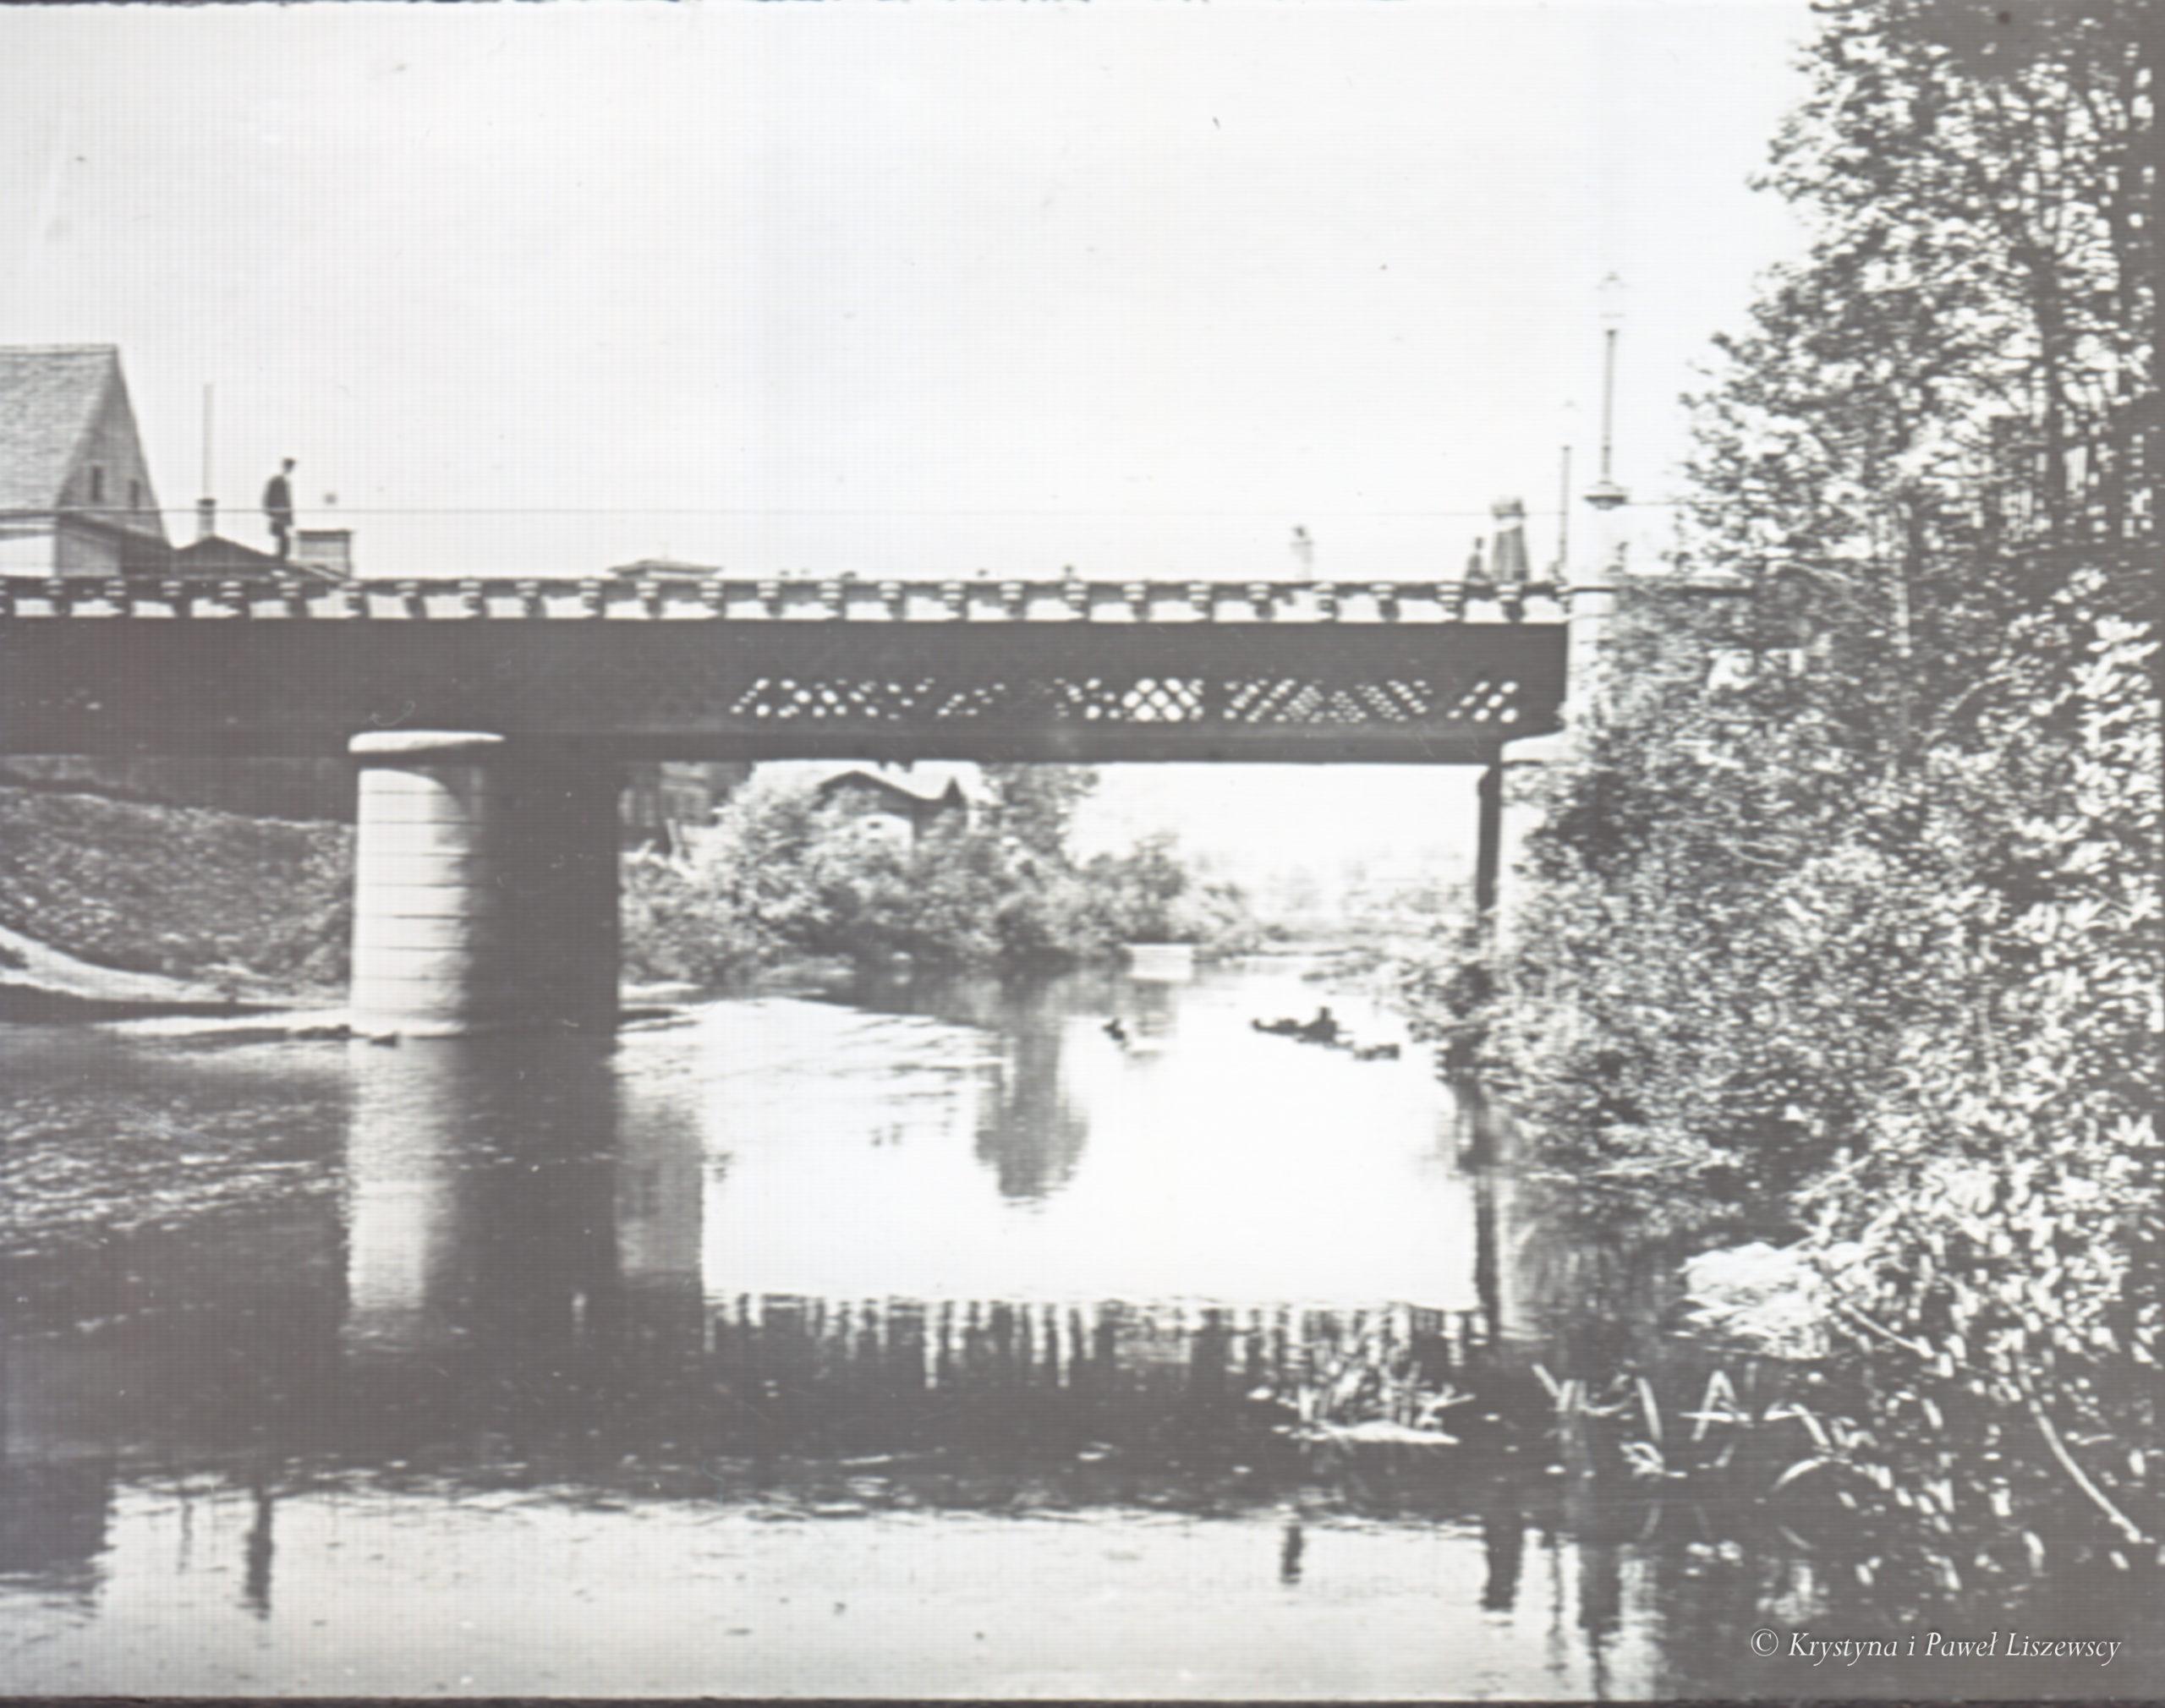 Za panowania CESARZA WSZECH ROSYI KRÓLA POLSKIEGO ALEXANDRA II, za namiestnikostwa hrabiego TEODORA BERGA ukończono budowę mostu w lipcu 1866, na Kanale Bernardyńskim